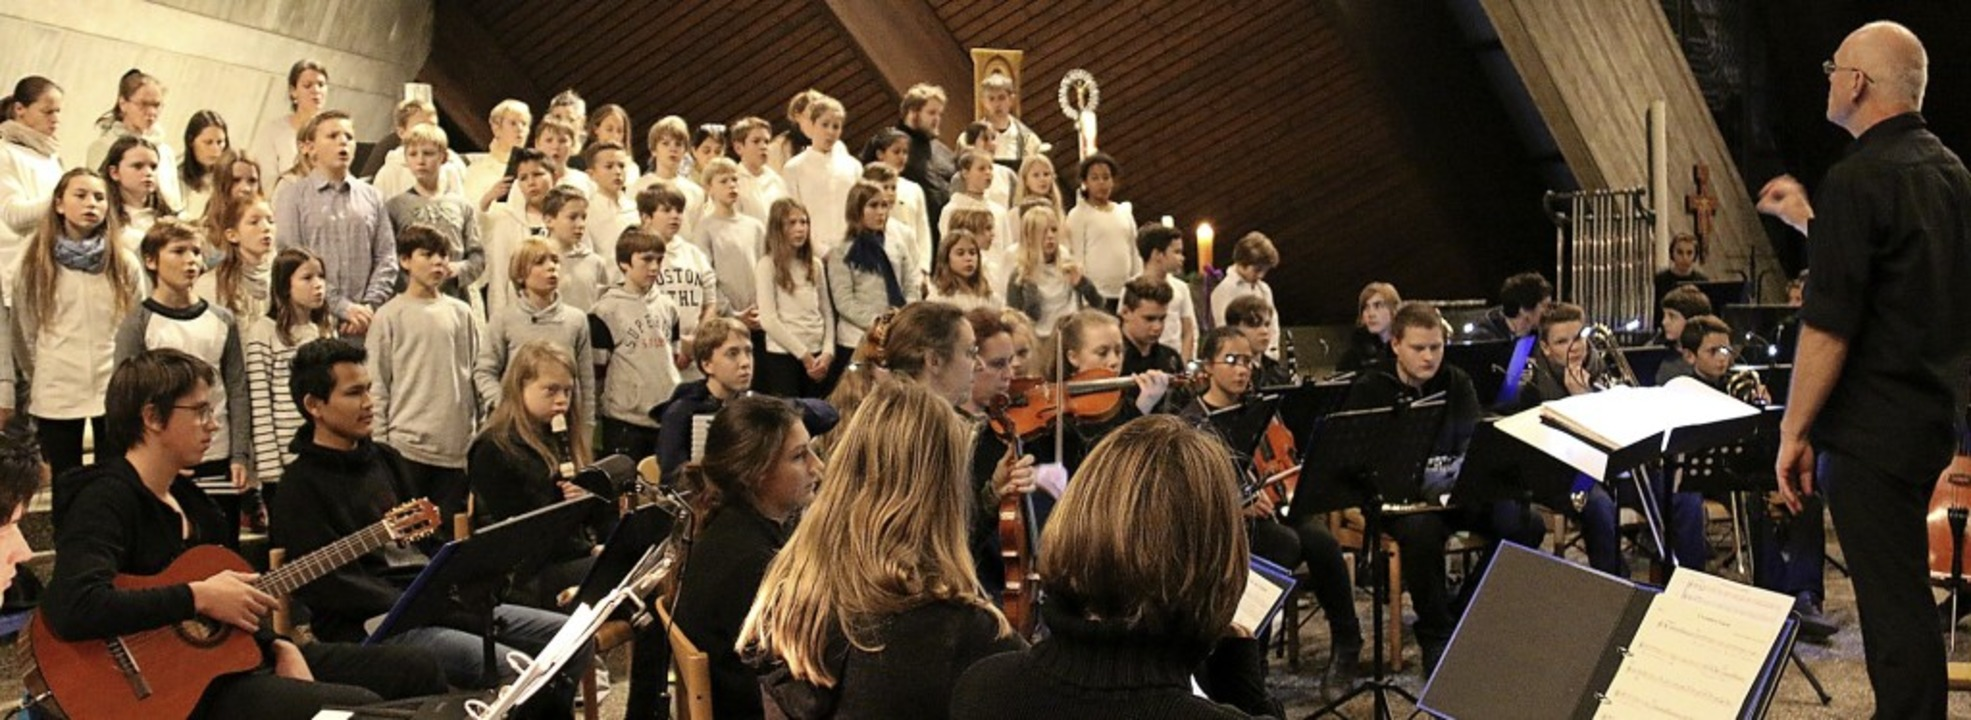 Mit Quantität und Qualität überzeugen ..., Eltern und Lehrer der Waldorfschule.  | Foto: Dagmar Barber